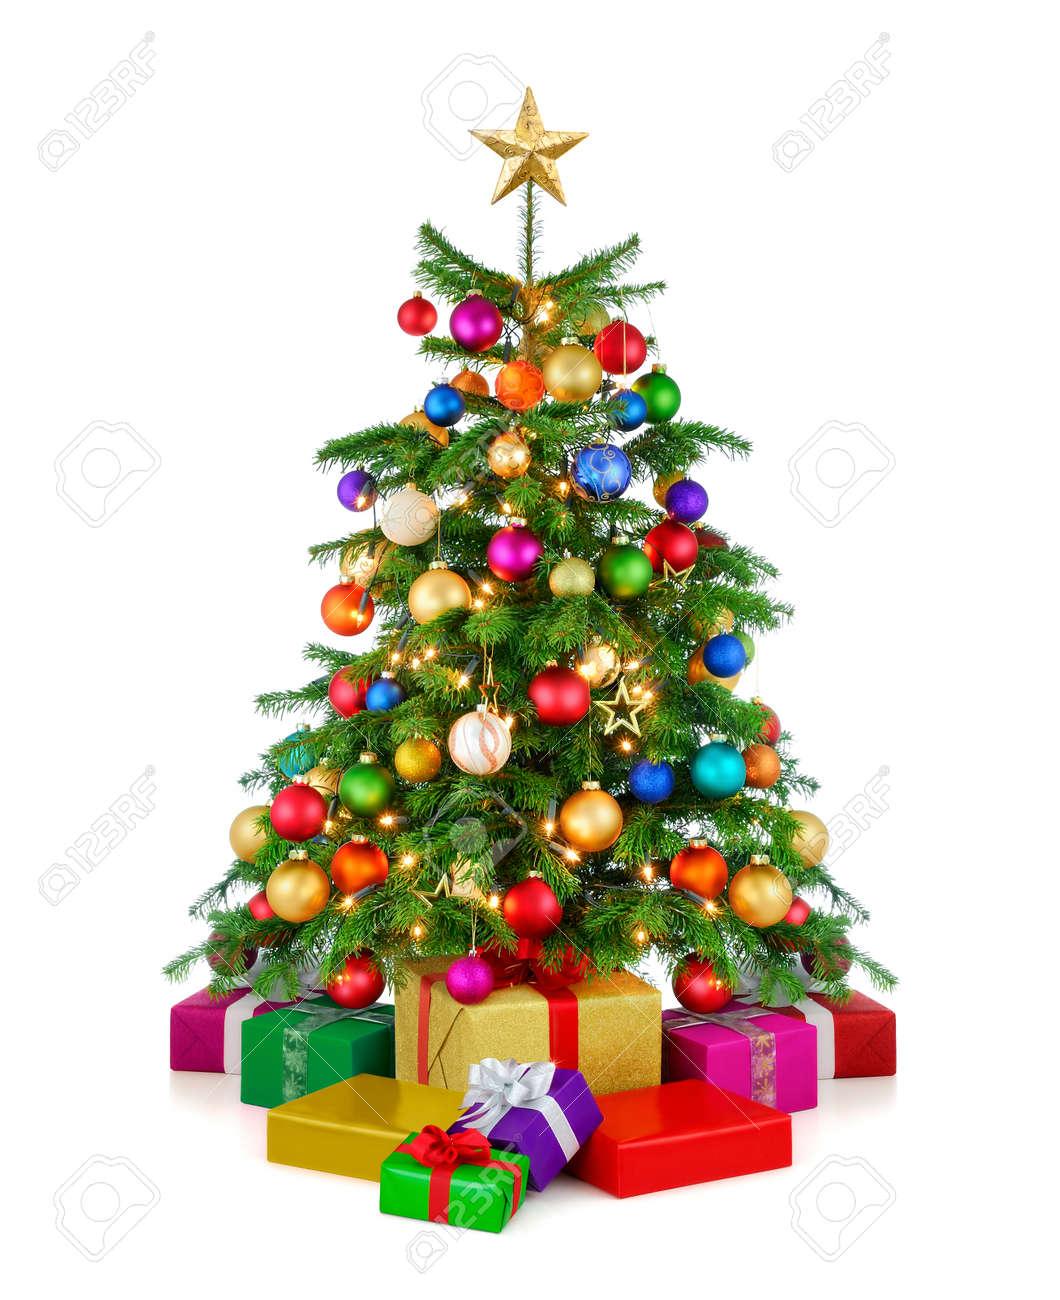 Stern Auf Weihnachtsbaum.Joyful Studioaufnahme Von Einem Bunten Grünen Weihnachtsbaum